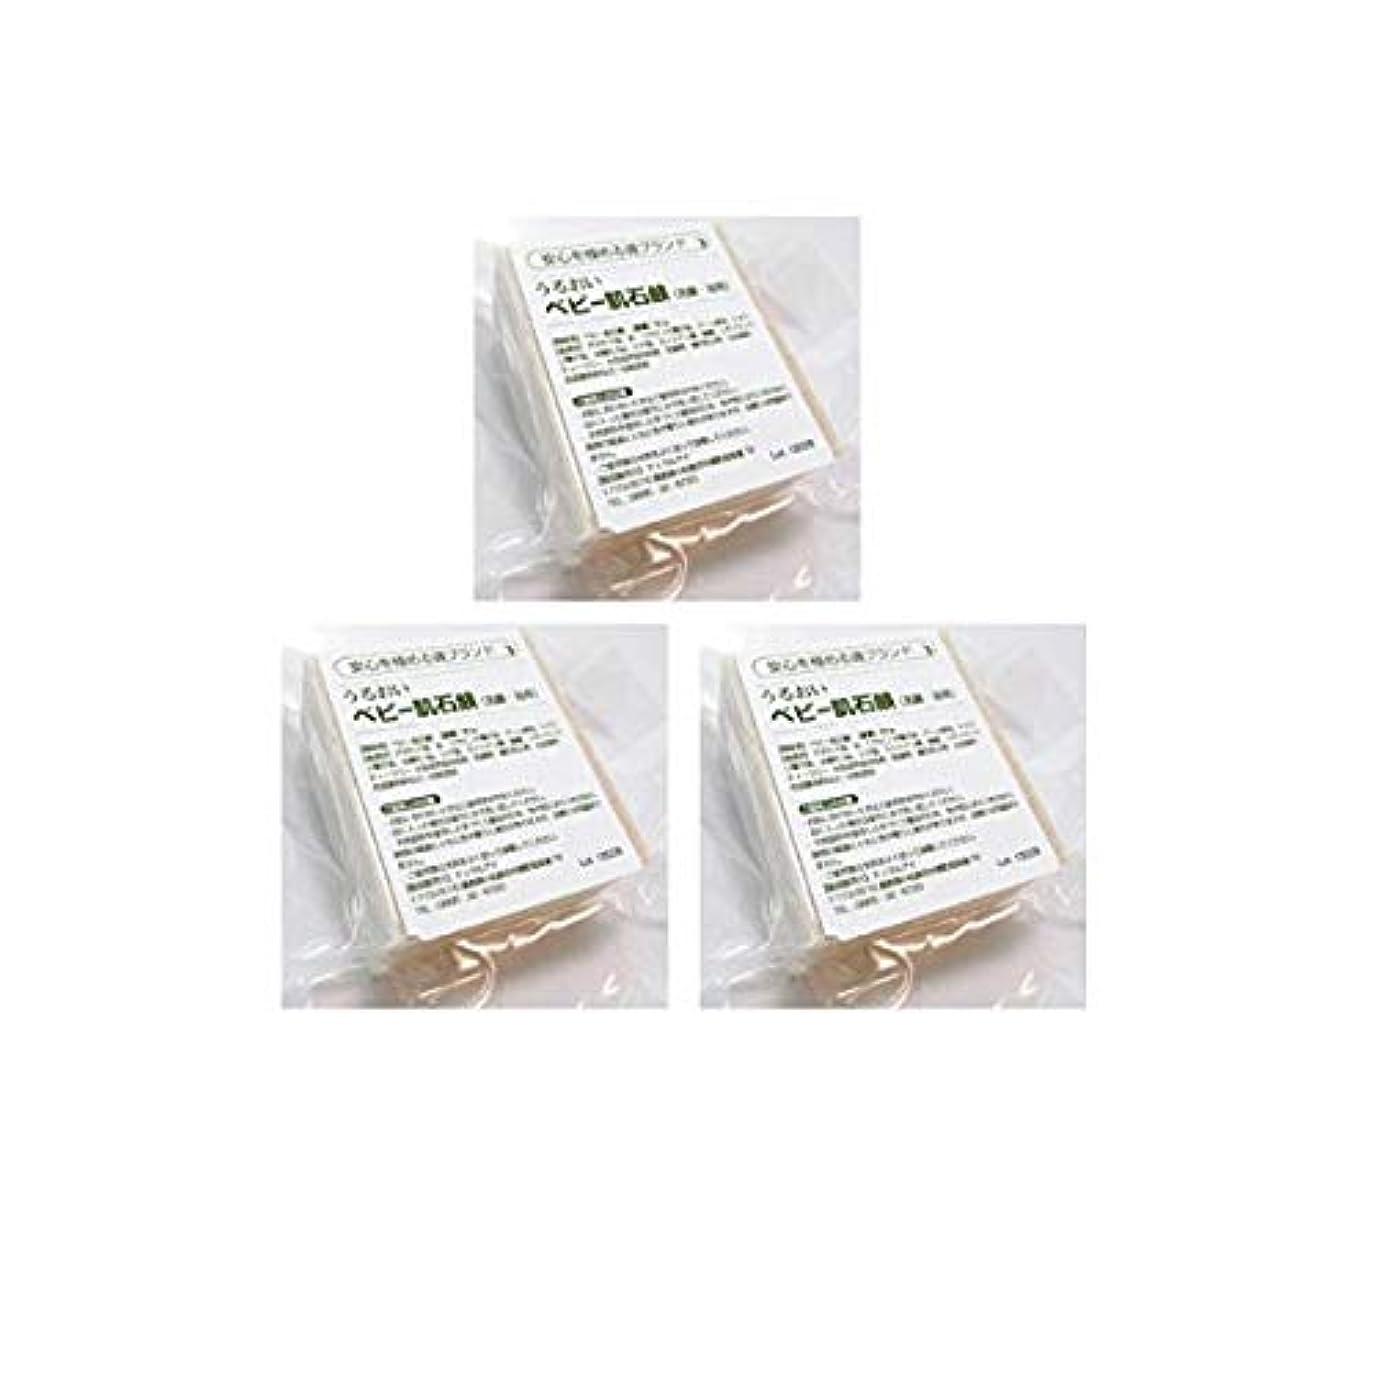 計器スポット覗くアボカド石鹸 うるおいベビー肌石鹸3個セット(80g×3個)アボカドオイル50%配合の完全無添加石鹸